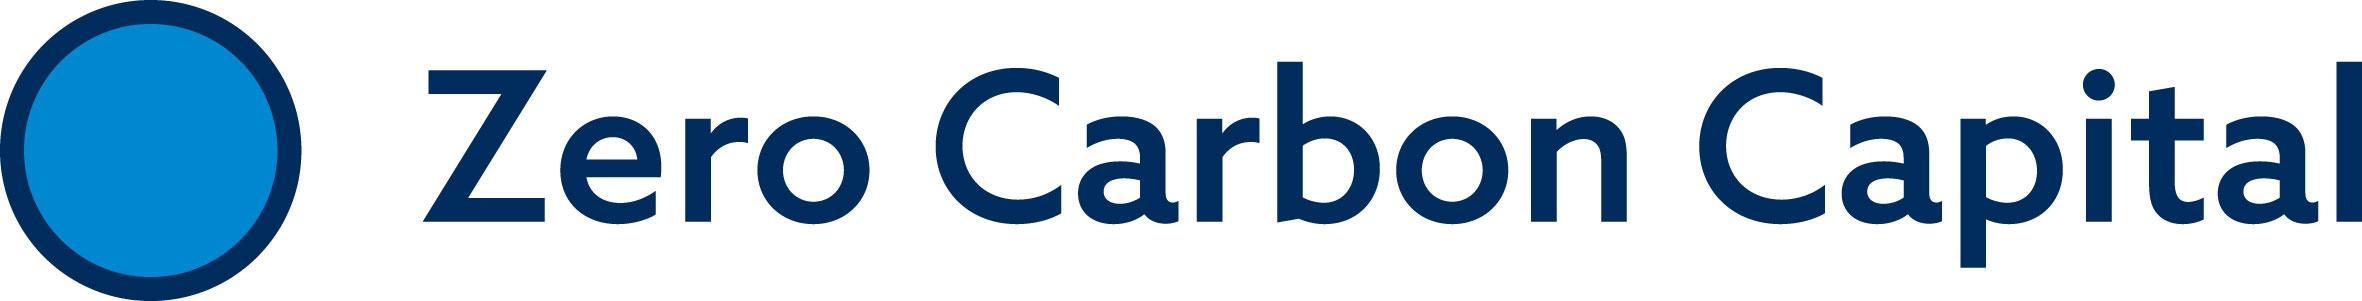 Zero Carbon Capital